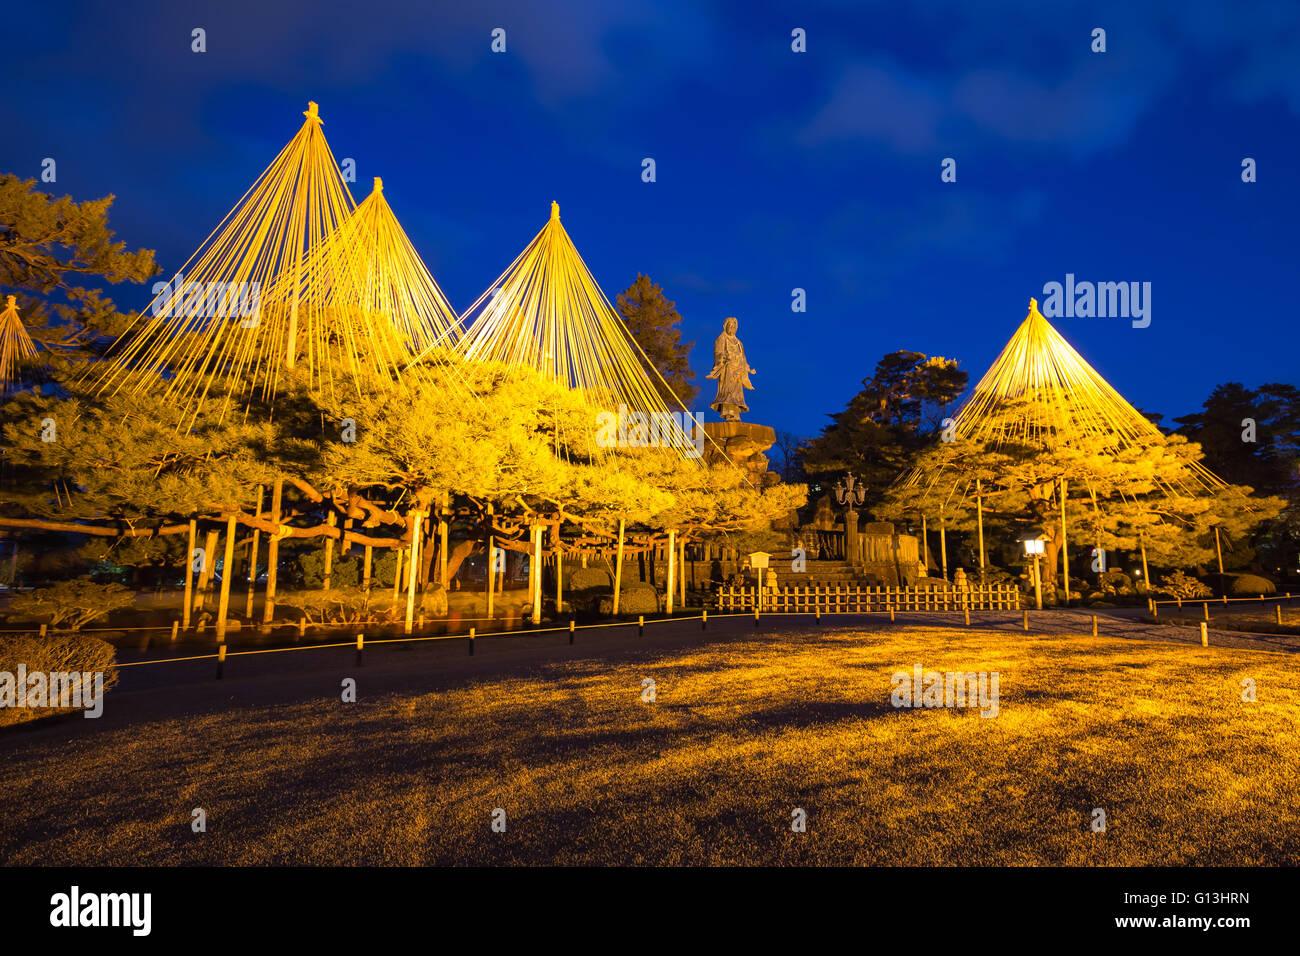 Night at Kenroku-en Garden in Kanazawa, Japan. - Stock Image